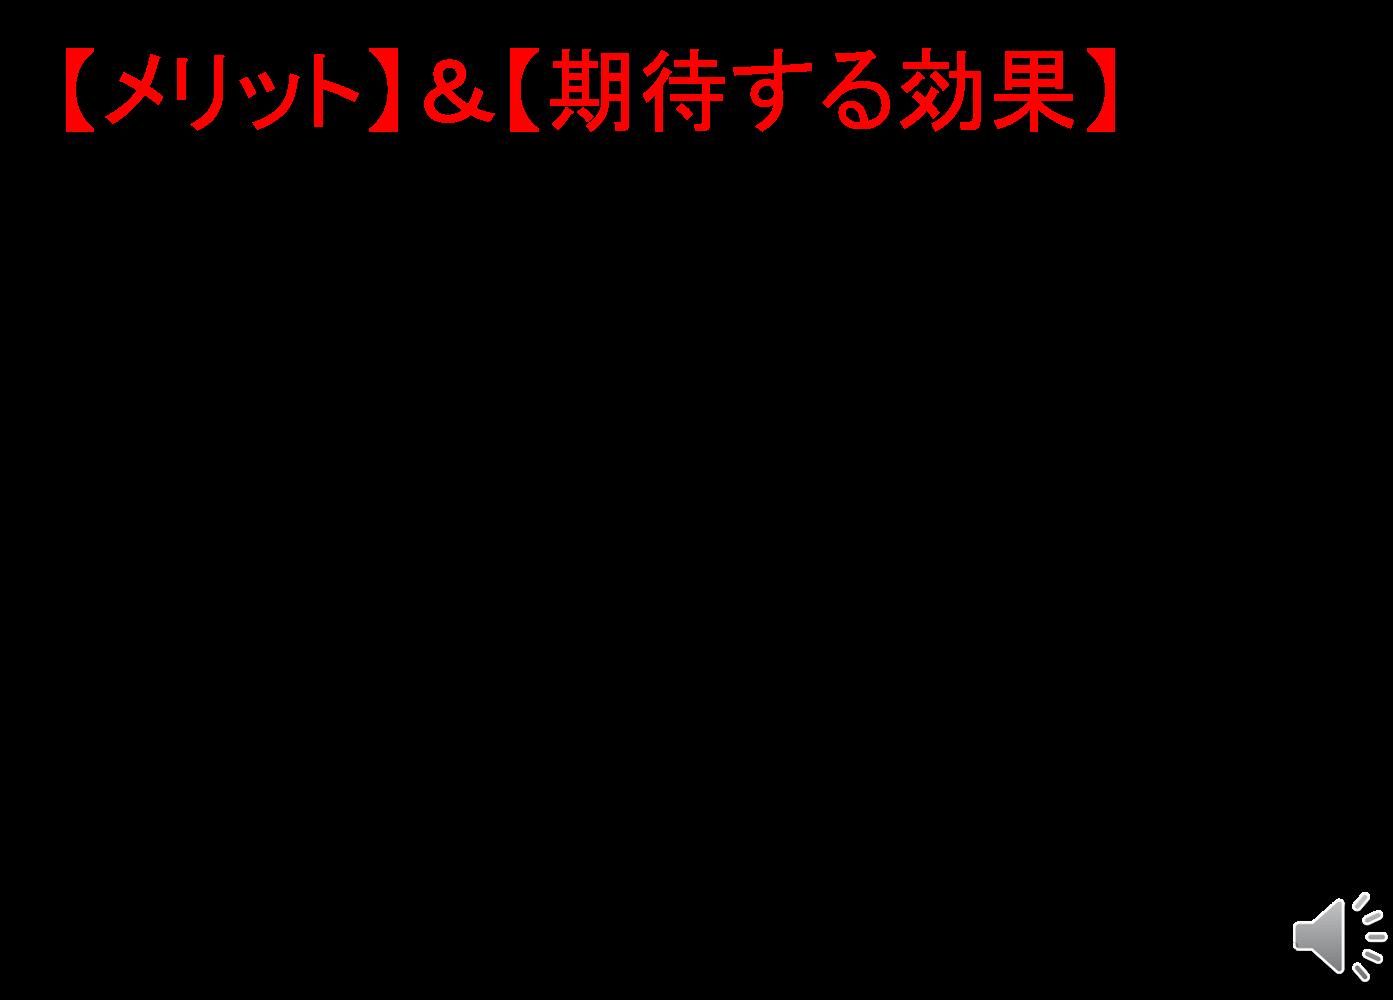 やる気と感動の祭典 東京FINAL 発表者発表 その3_f0070004_12553058.png